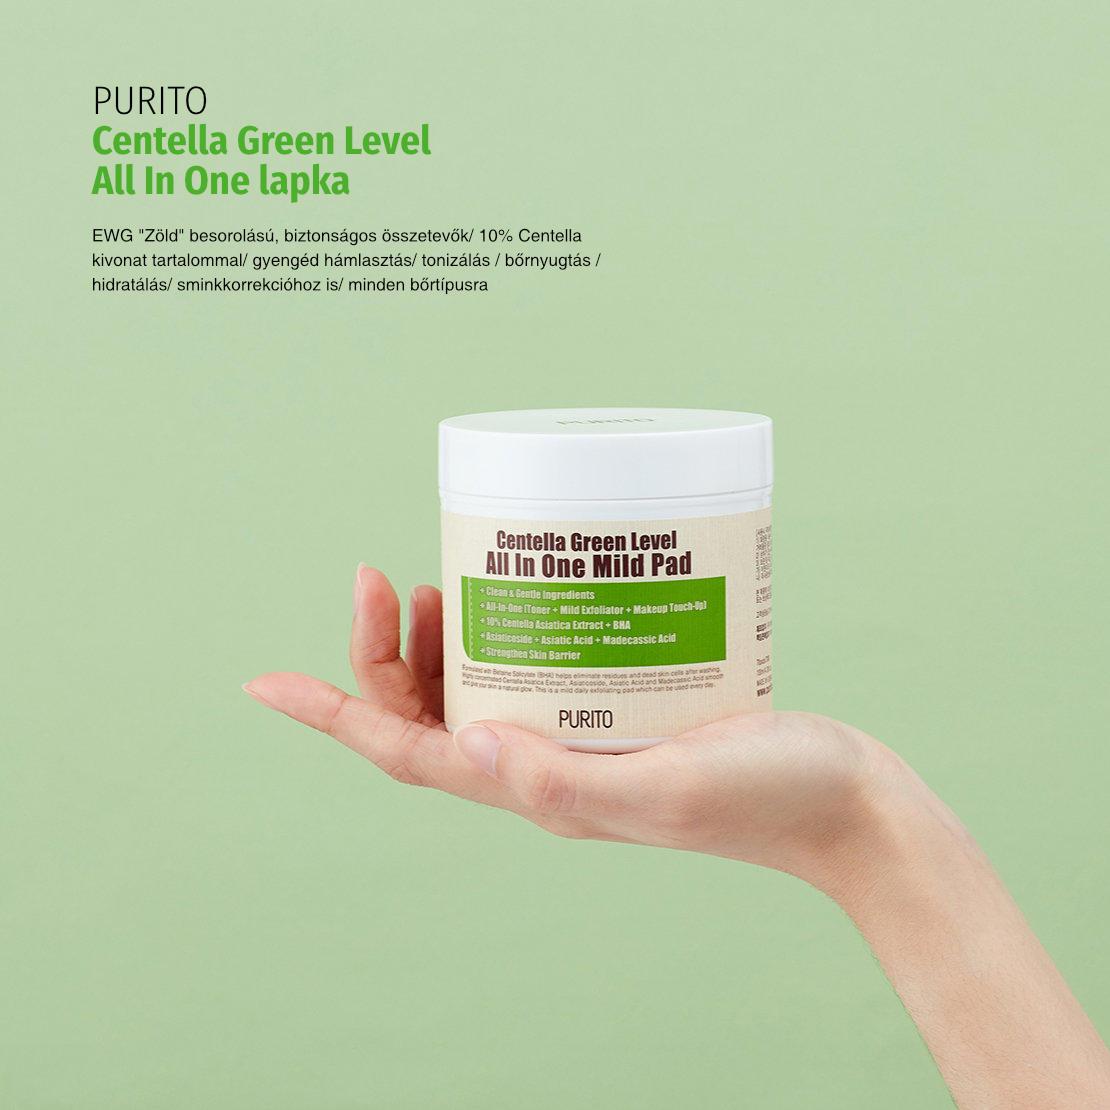 purito-centella-green-level-all-in-one-lapka-1